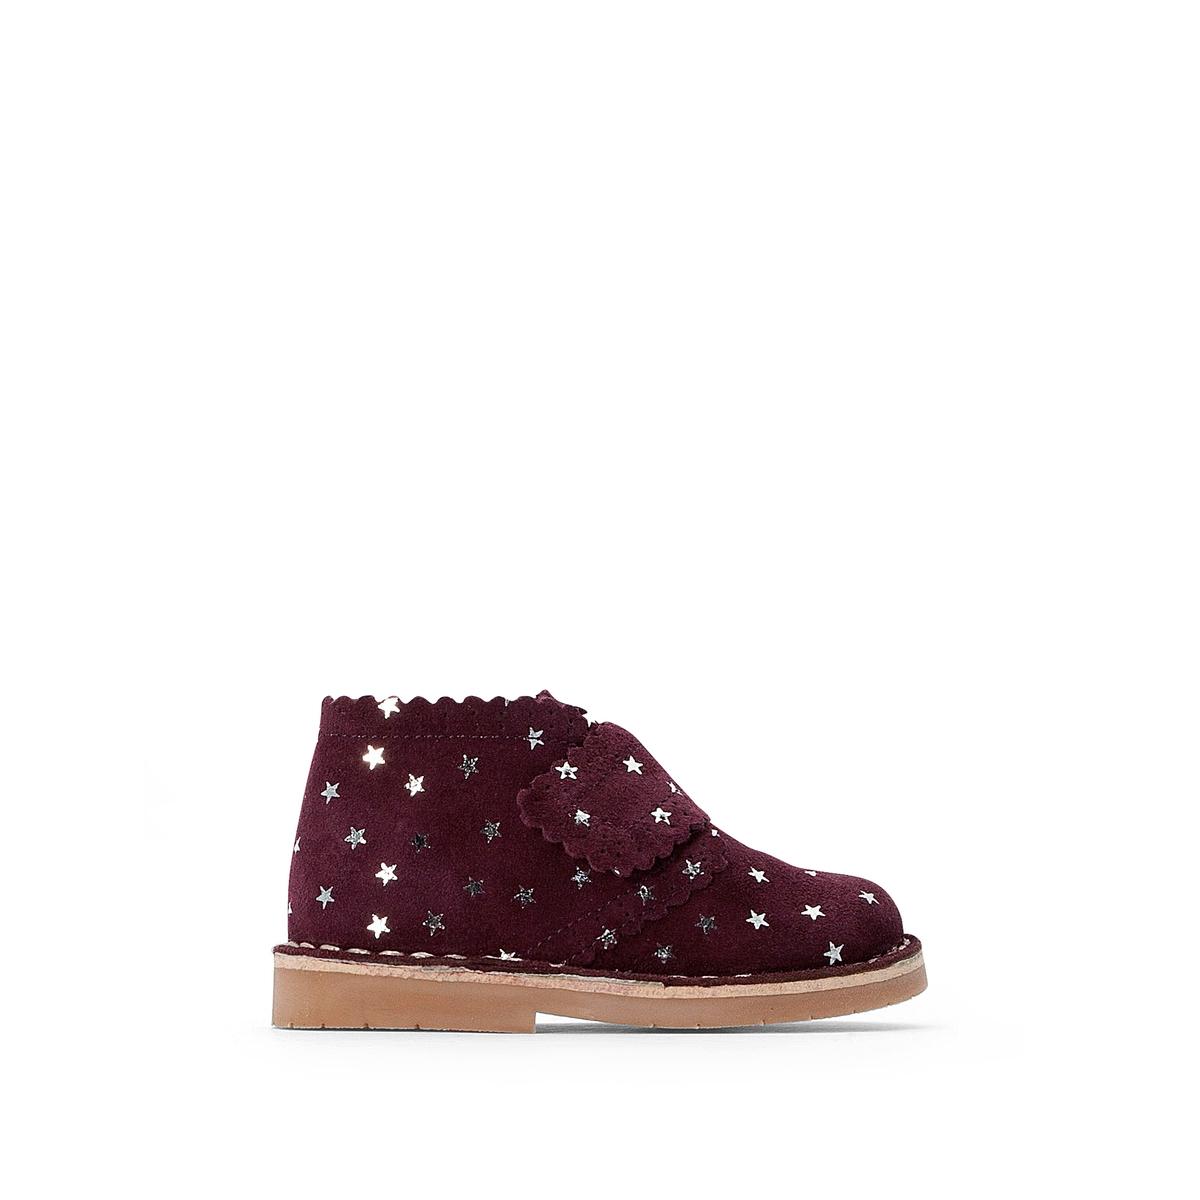 цена Ботинки La Redoute Кожаные на липучках - 22 красный